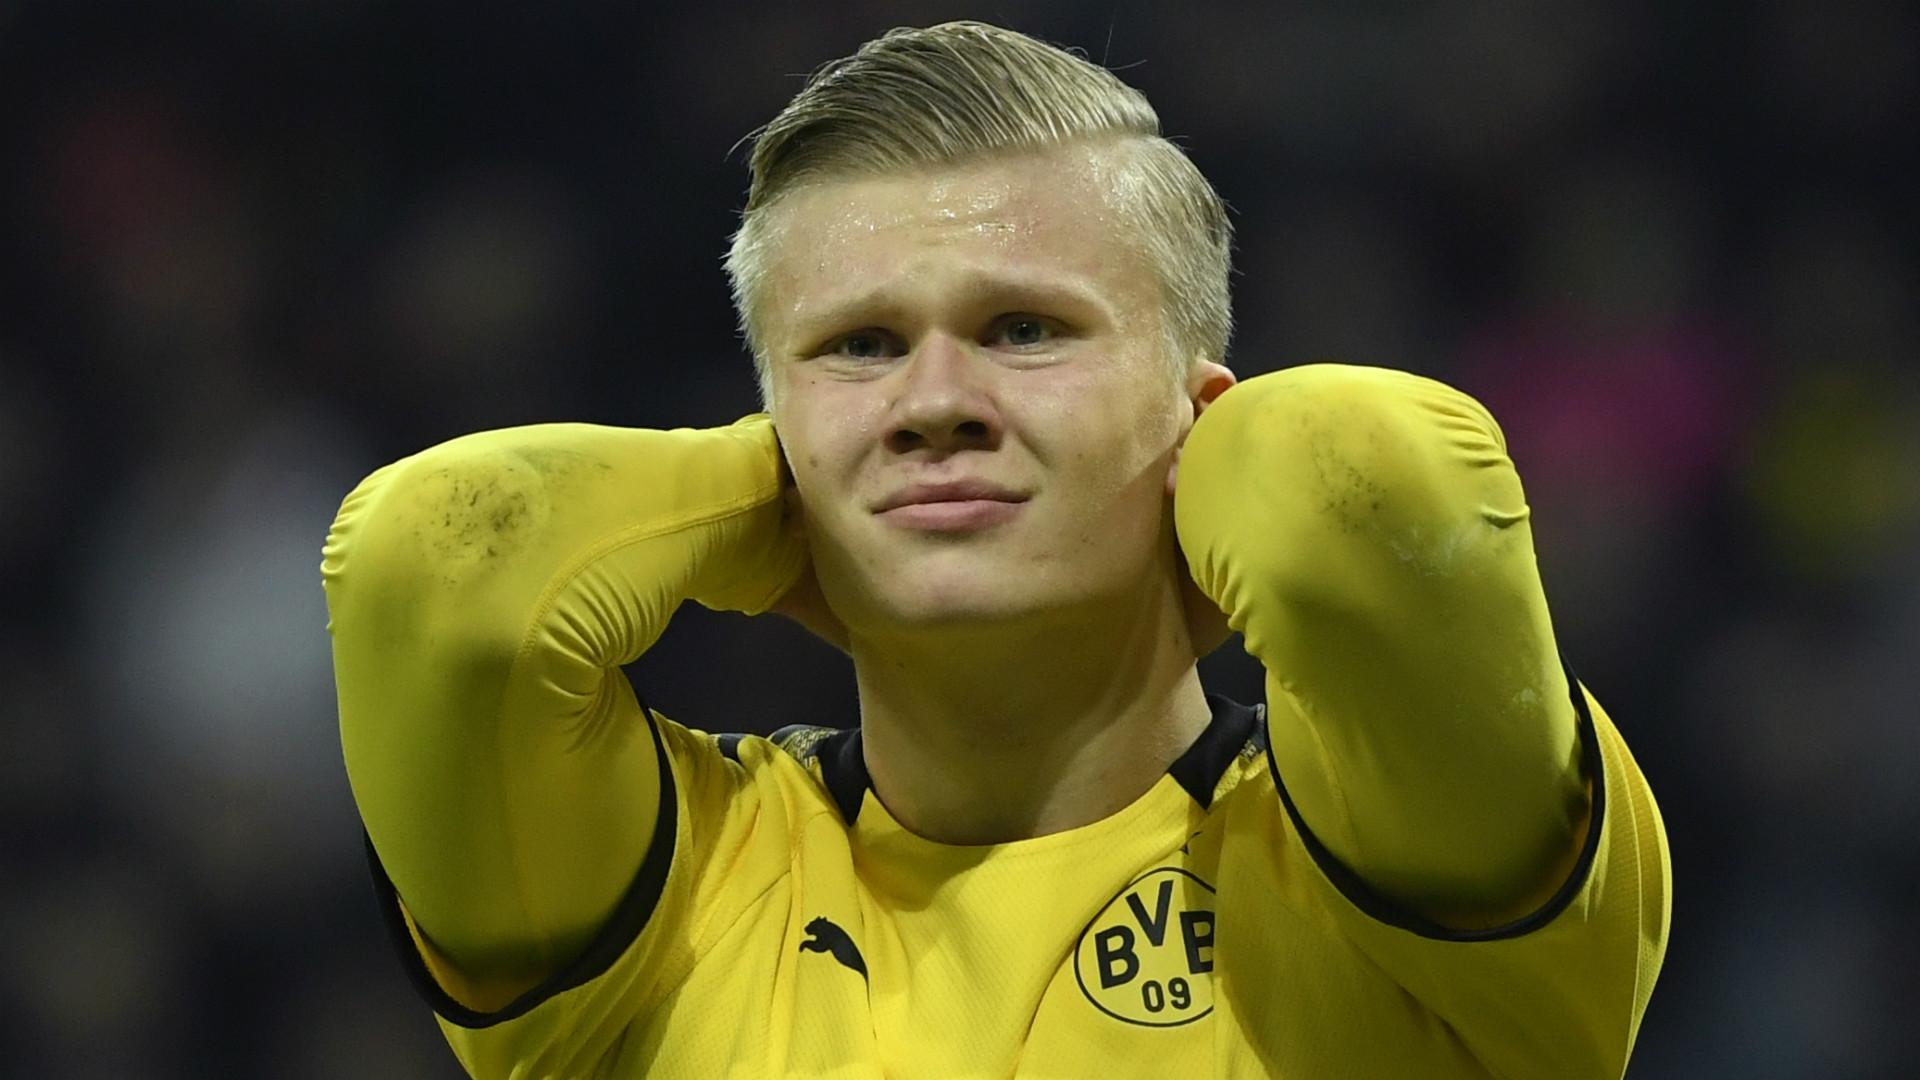 Dortmund star Haaland limps off in Der Klassiker clash with Bayern Munich